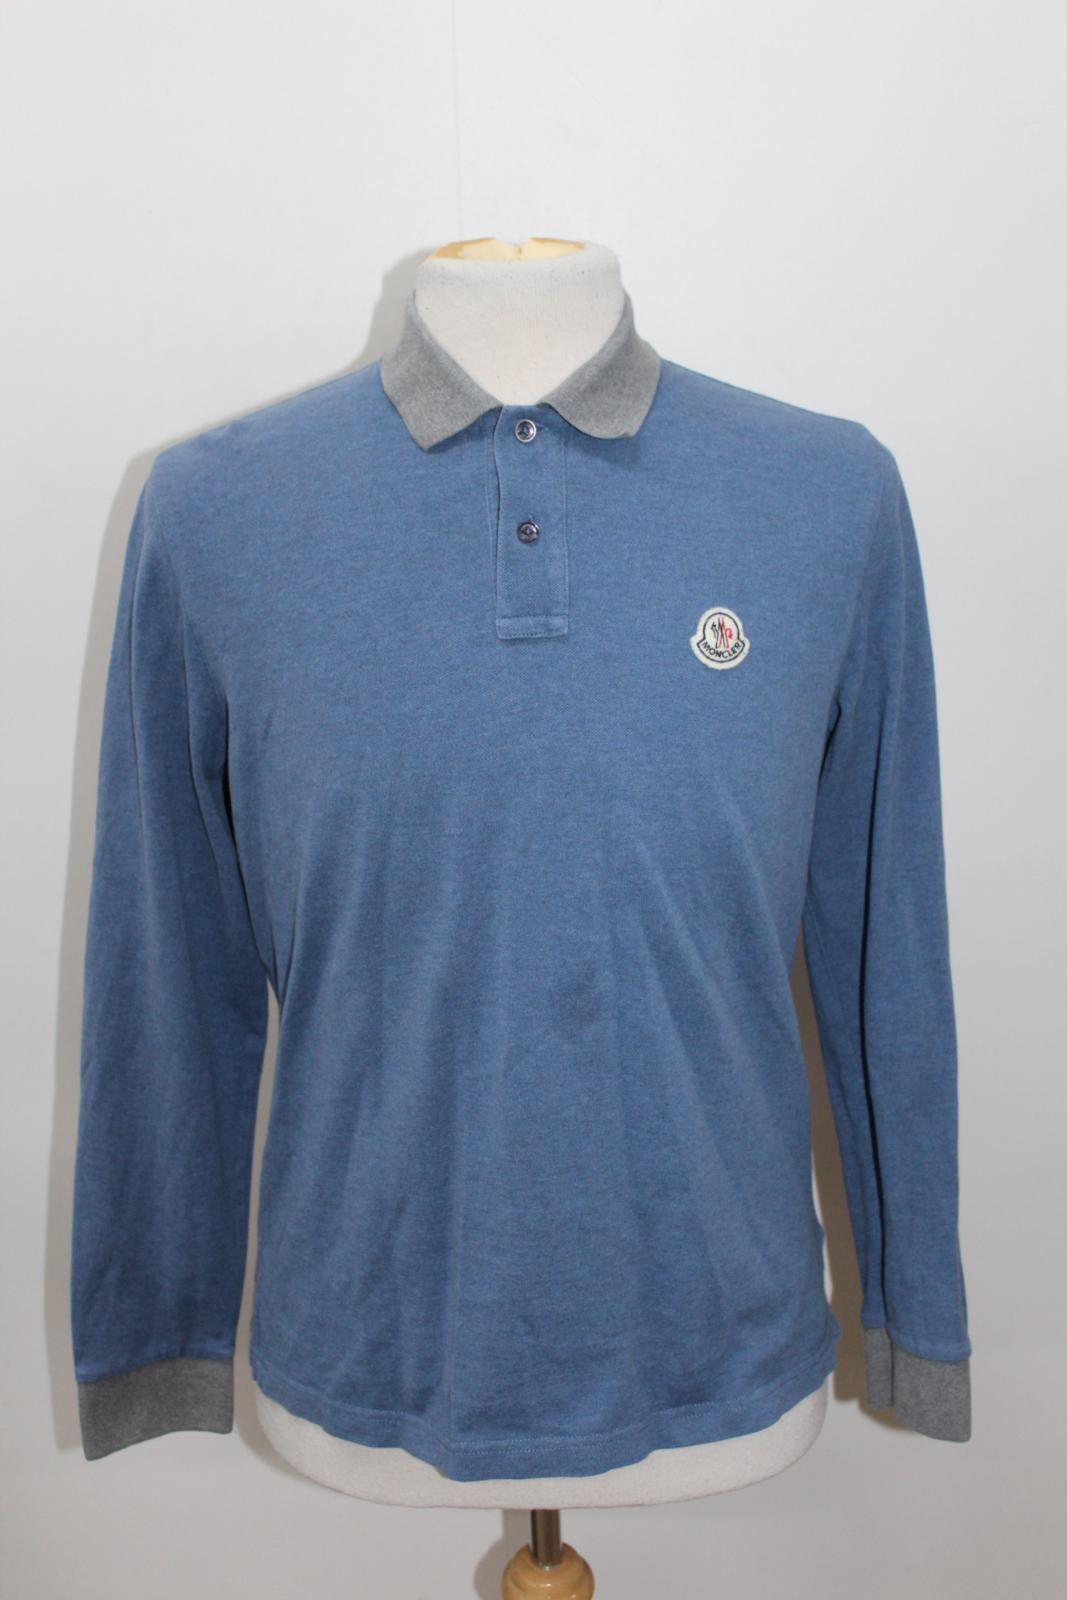 42bf9bb9 MONCLER Men's Blue & Grey Cotton Long Sleeve Collared Neck Polo ...